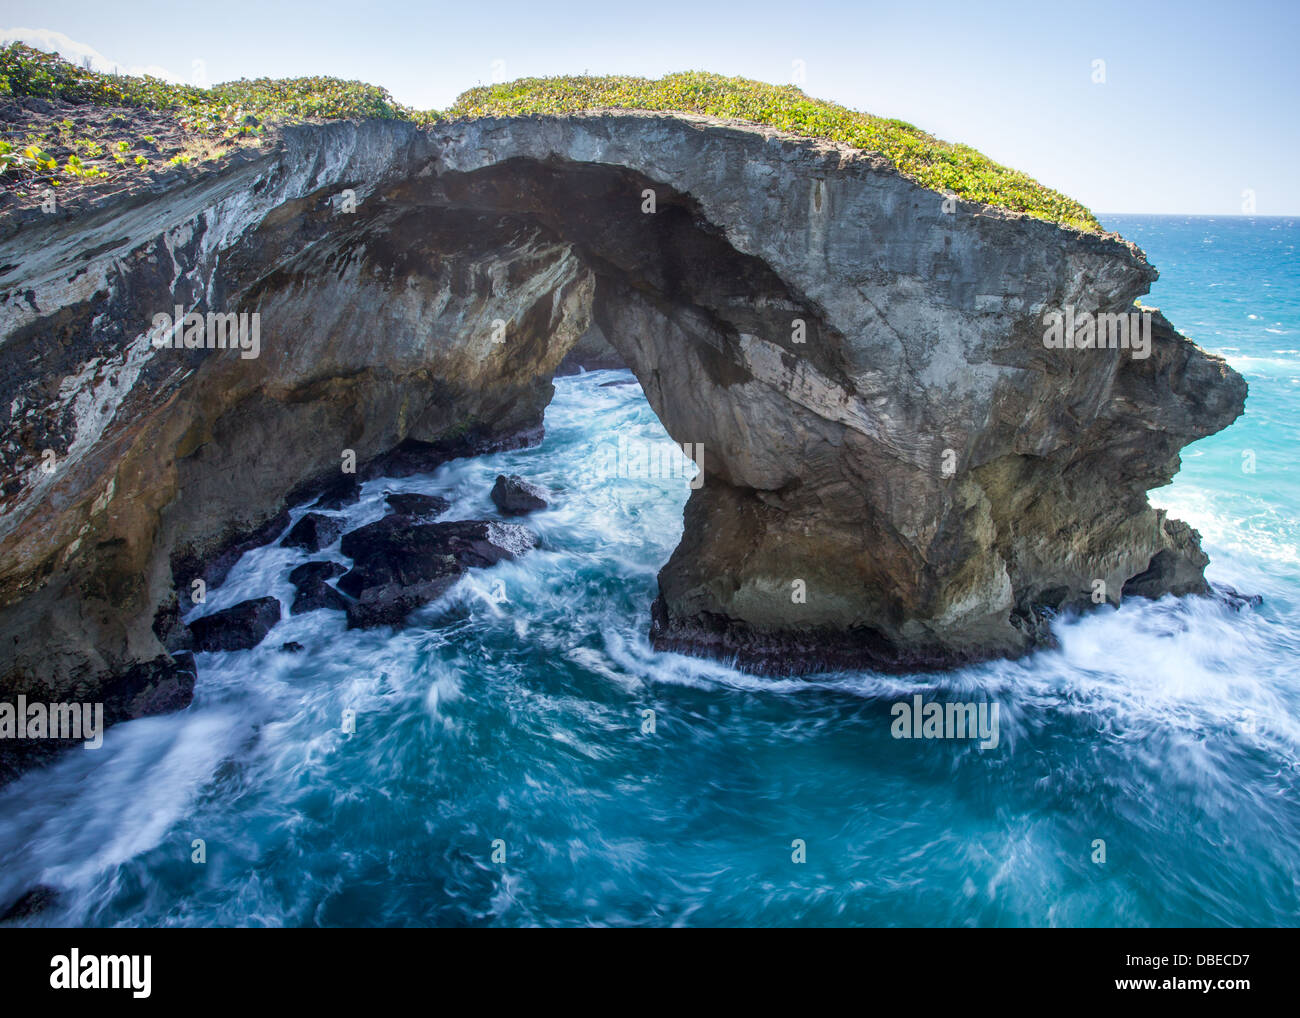 Los Arcos de la Frontera spiaggia nei pressi di Arecibo, puerto rico. Immagini Stock